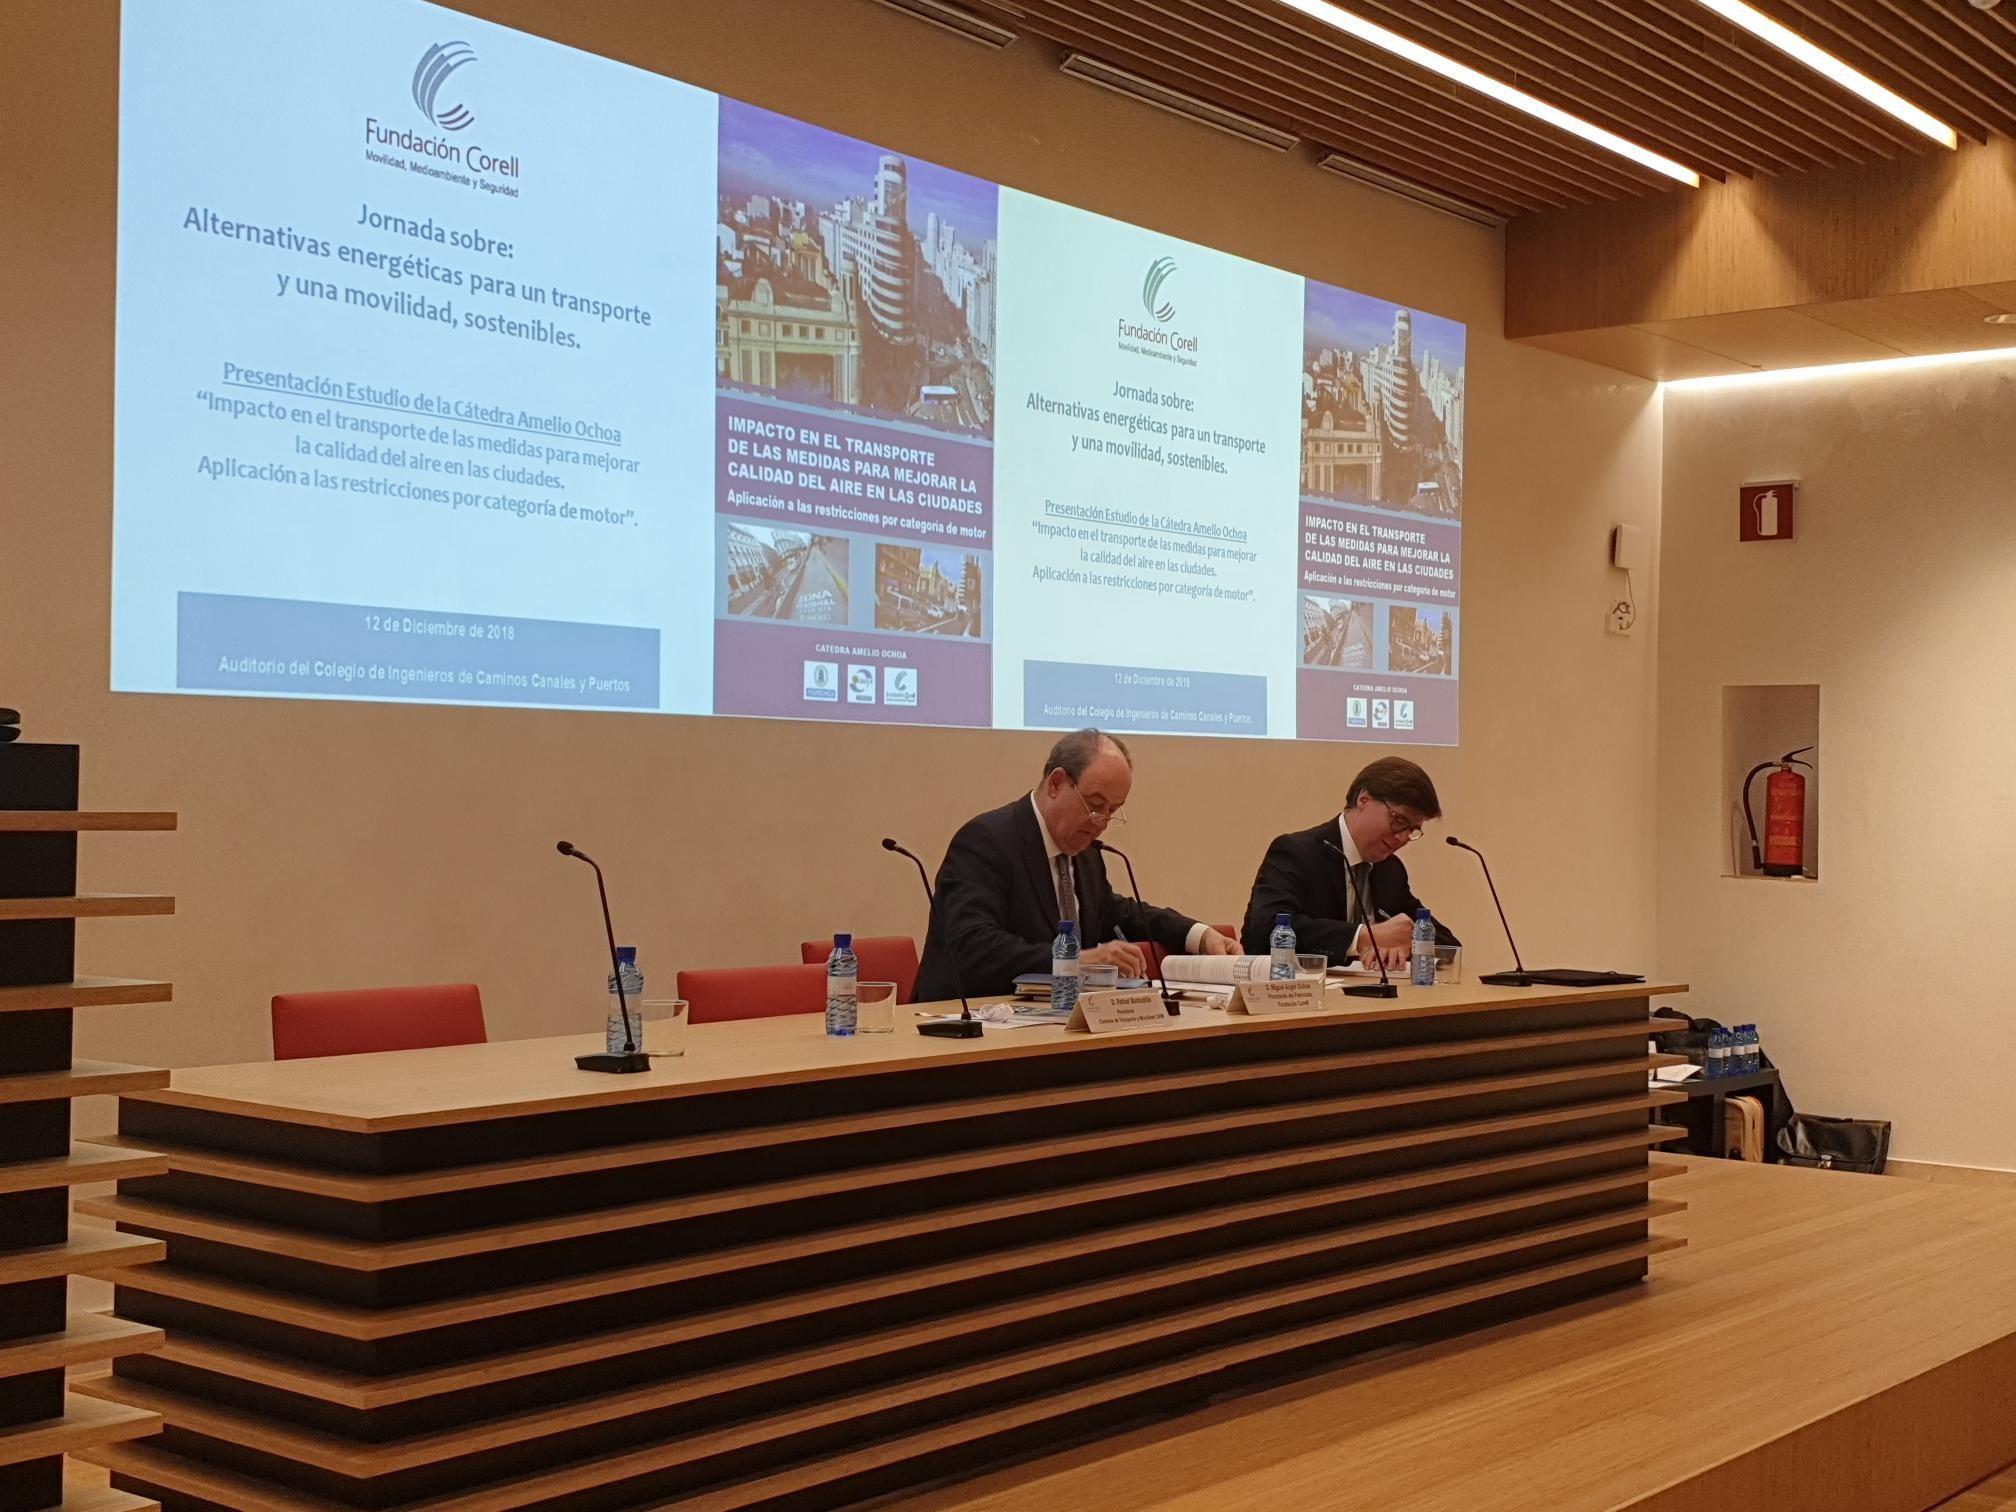 Foto de Presentación Estudio Fundación Corell